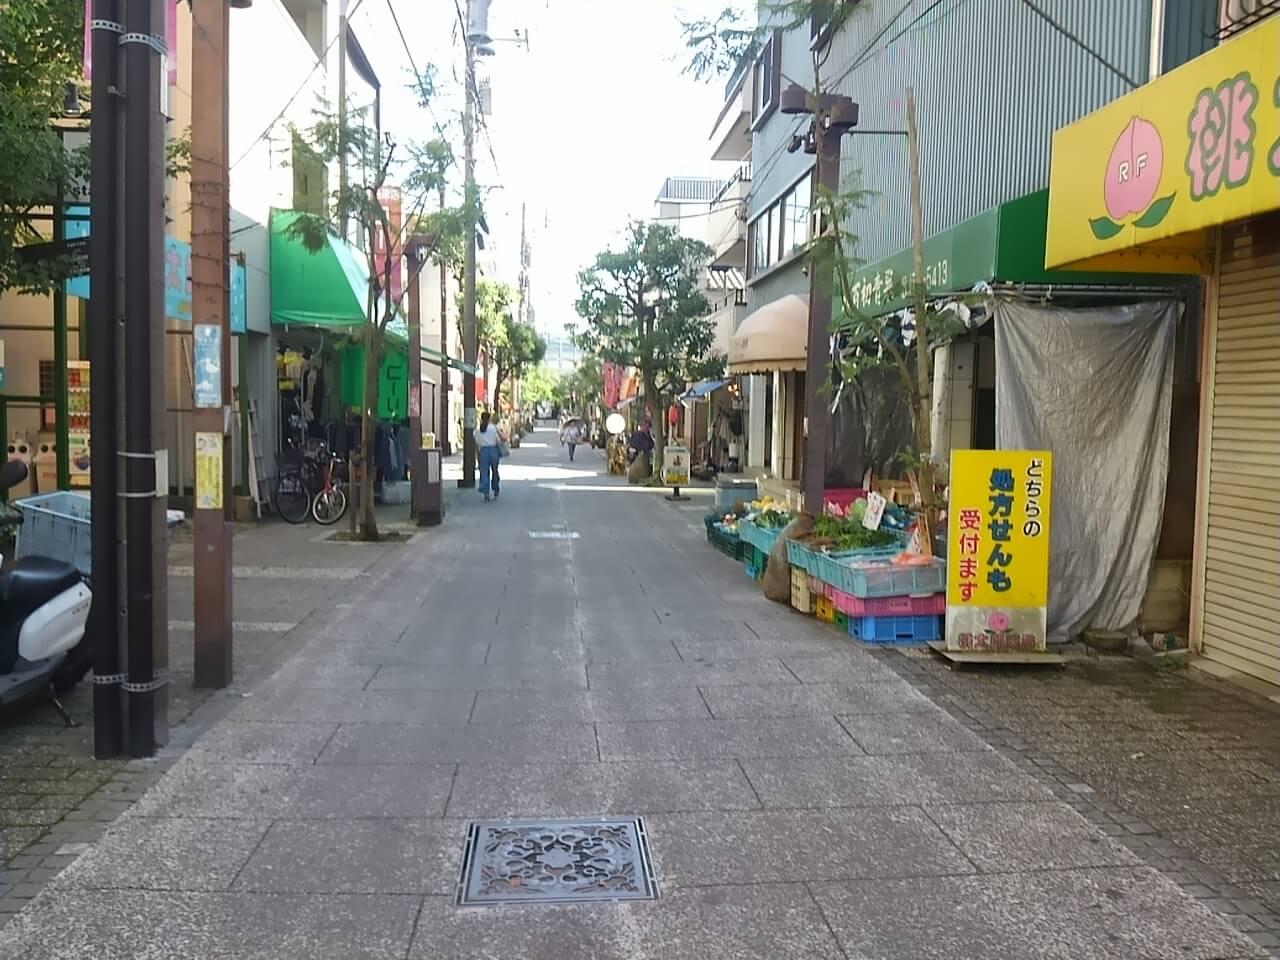 谷津バラ園の最寄り駅からの行き方の途中の商店街